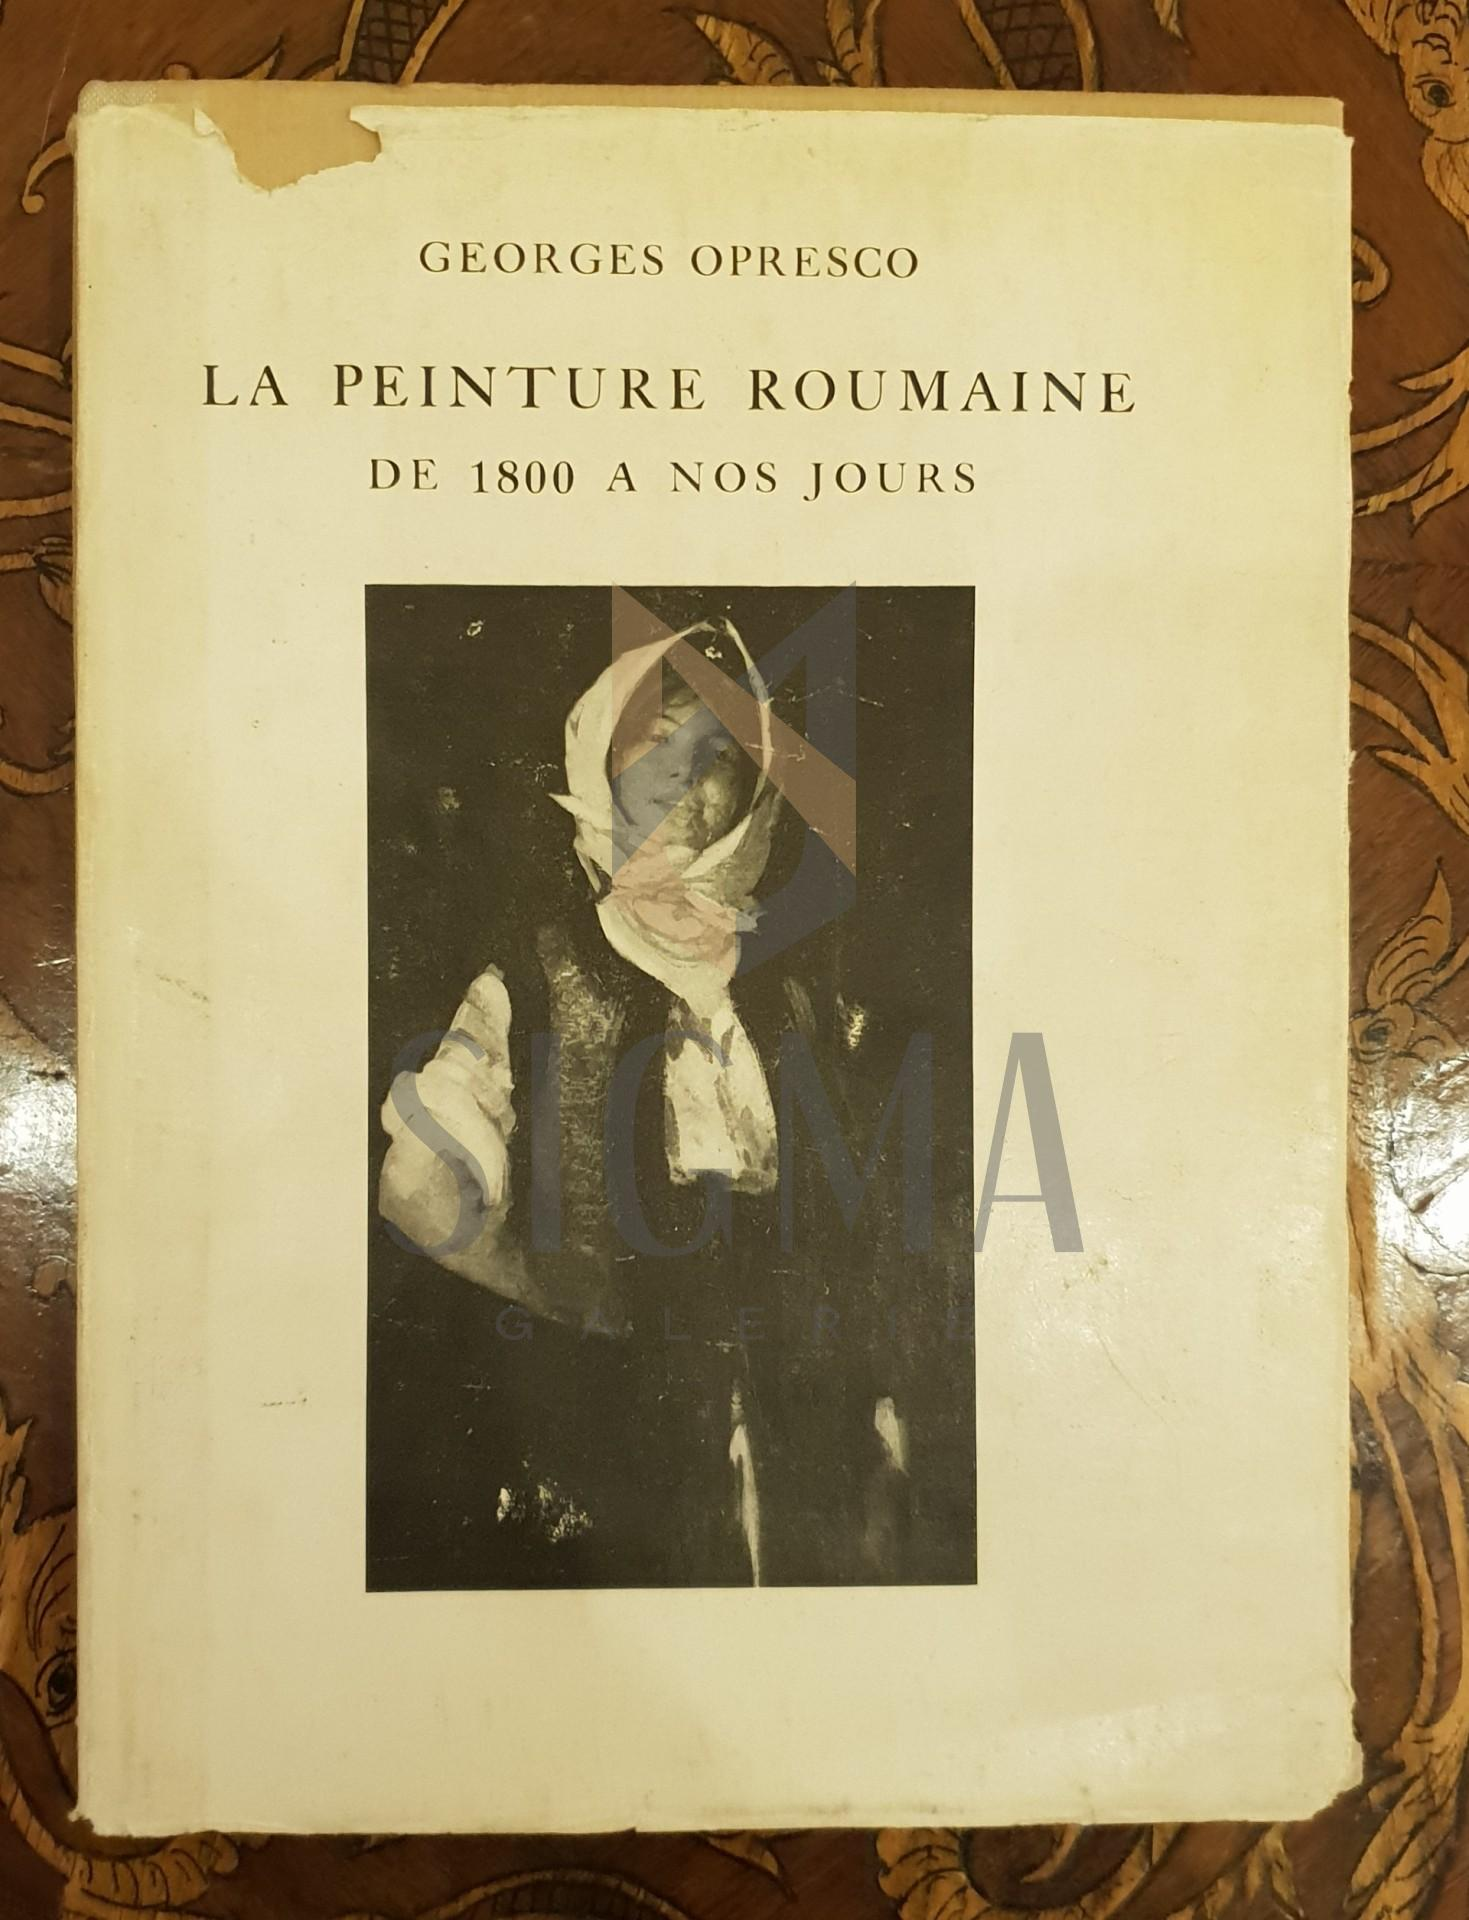 Le peinture Roumaine de 1800 a nos jours